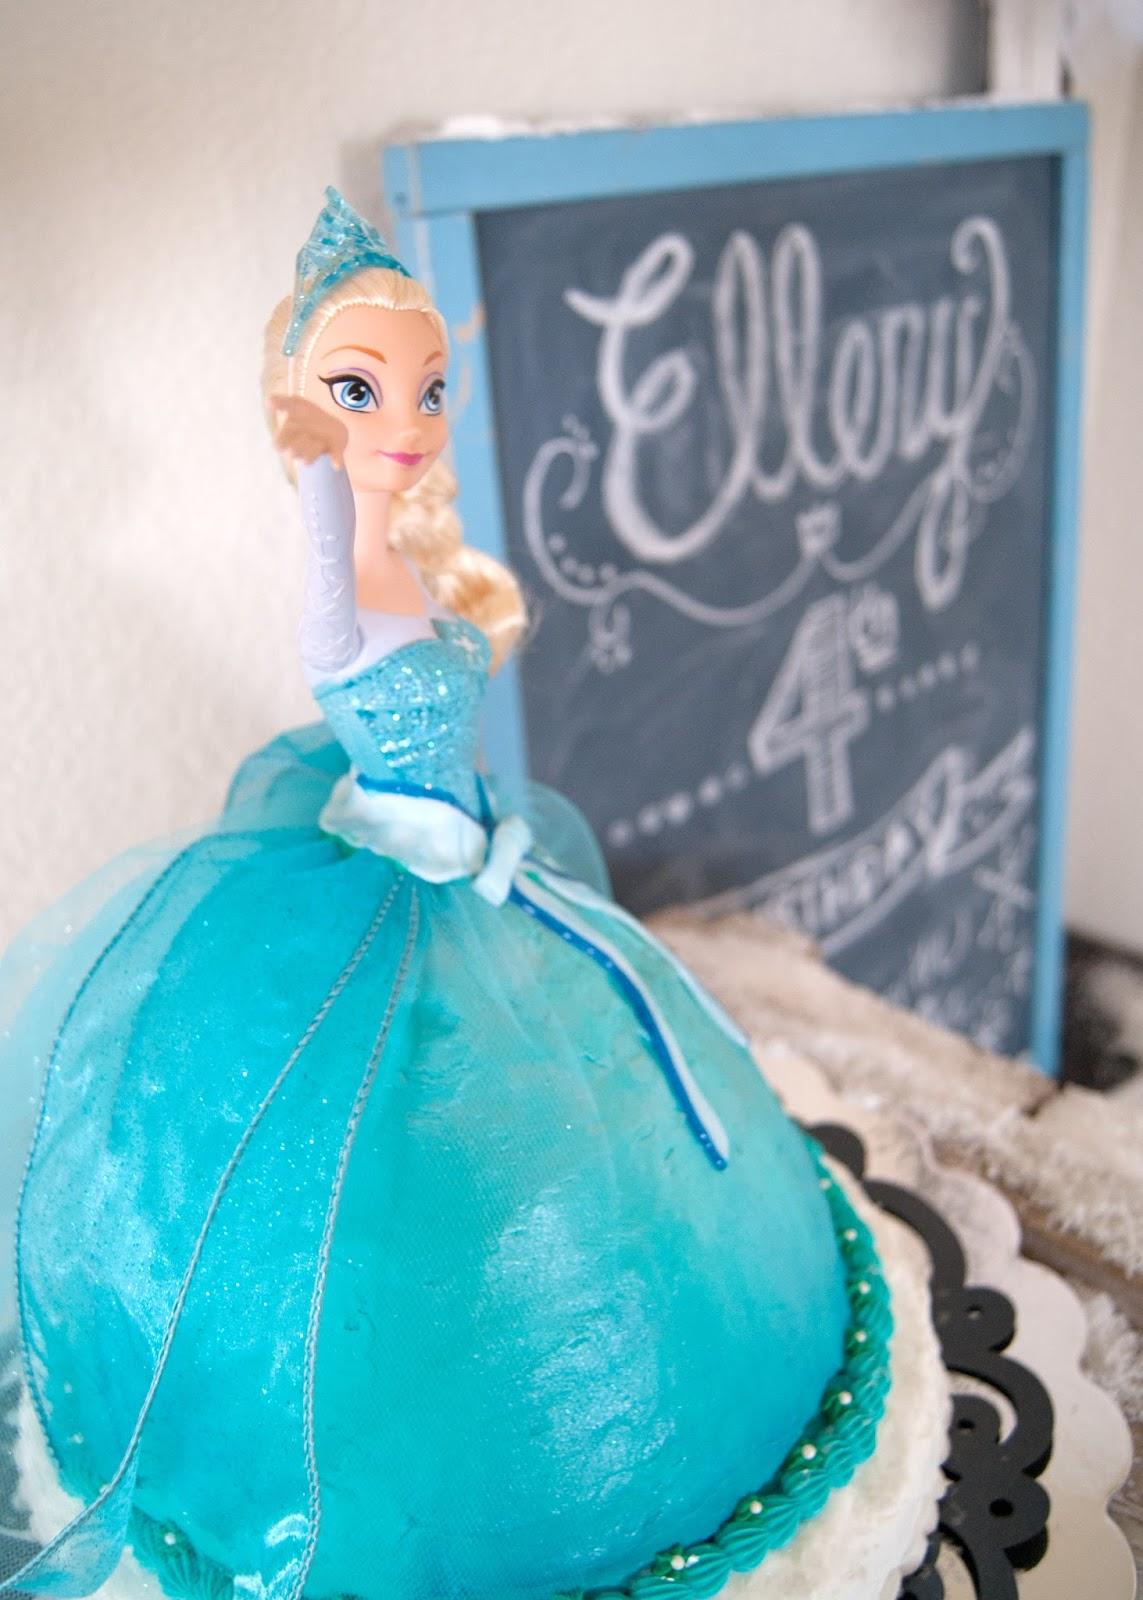 Frozen Elsa Cake and a vintage chalkboard